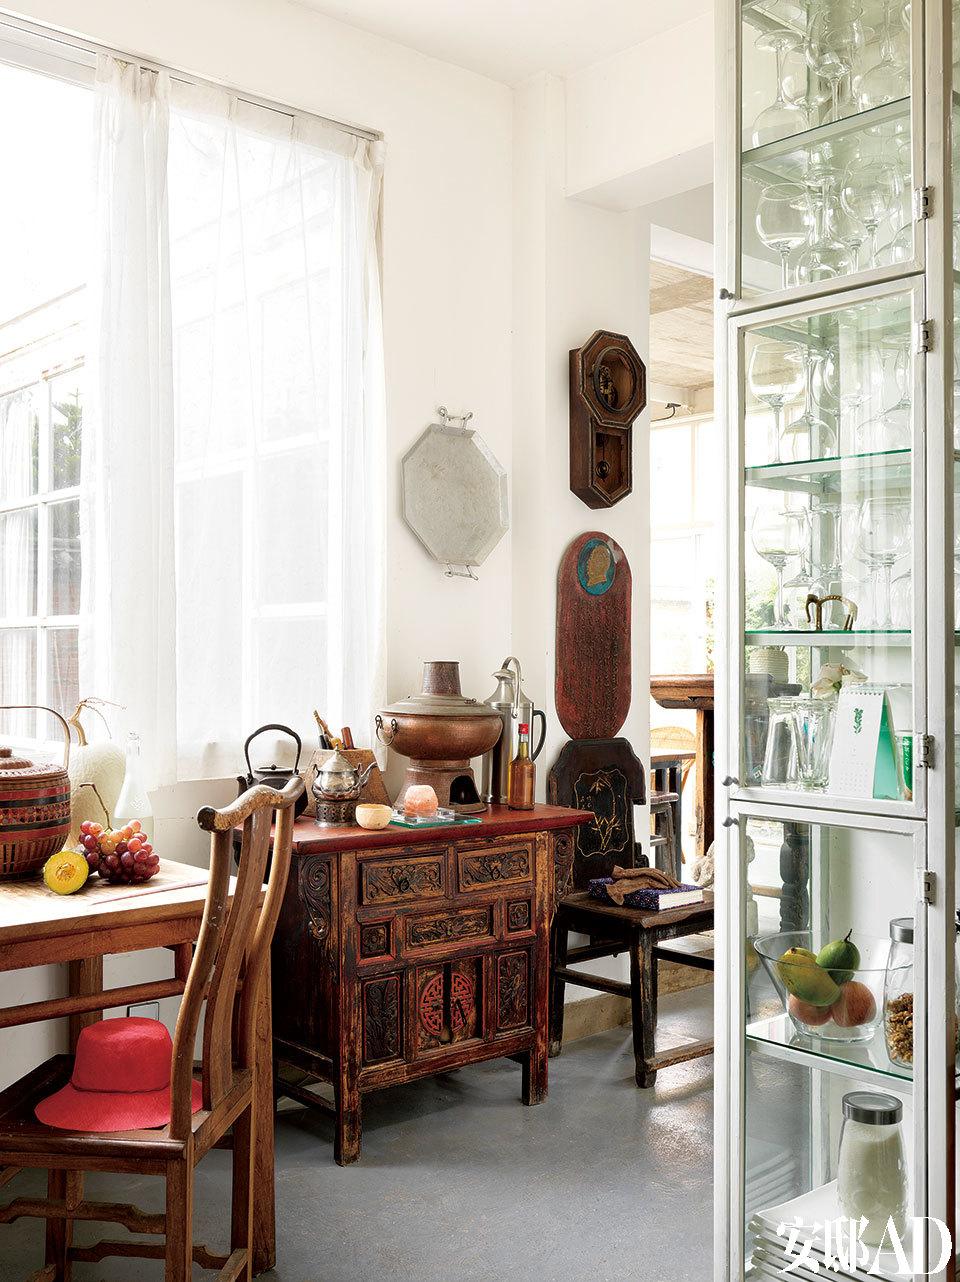 红色小桌子是淘来的本地旧家具,很漂亮,桌上是一个本地铜火锅,一把从日本到台湾地区再到美国再到大理的铸铁壶,一把德国老银壶。墙上一个能走却不准的旧钟,一块收来的文革铸铝语录板,一个美国旧物手工锻造的铝制茶盘。